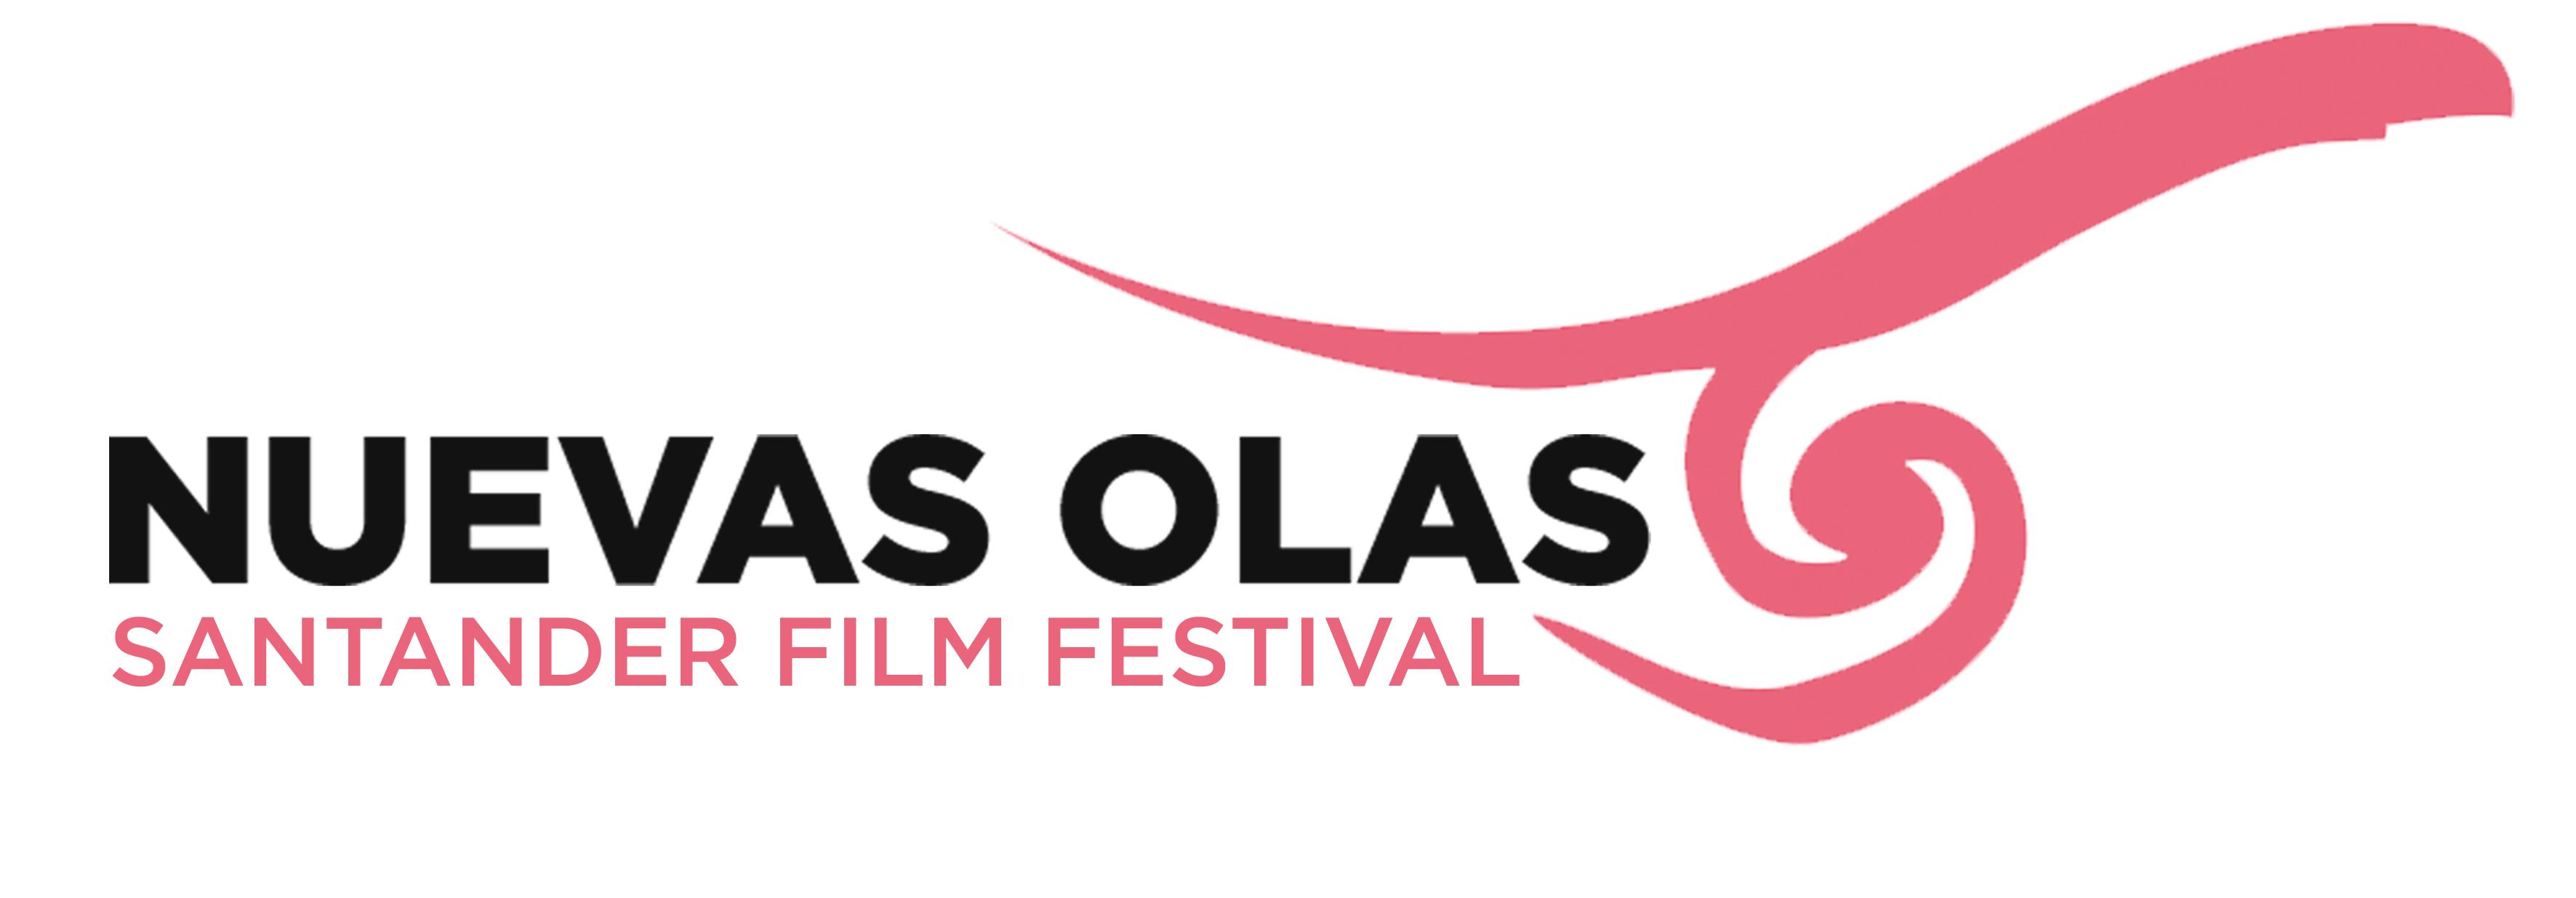 El nuevo logo del festival